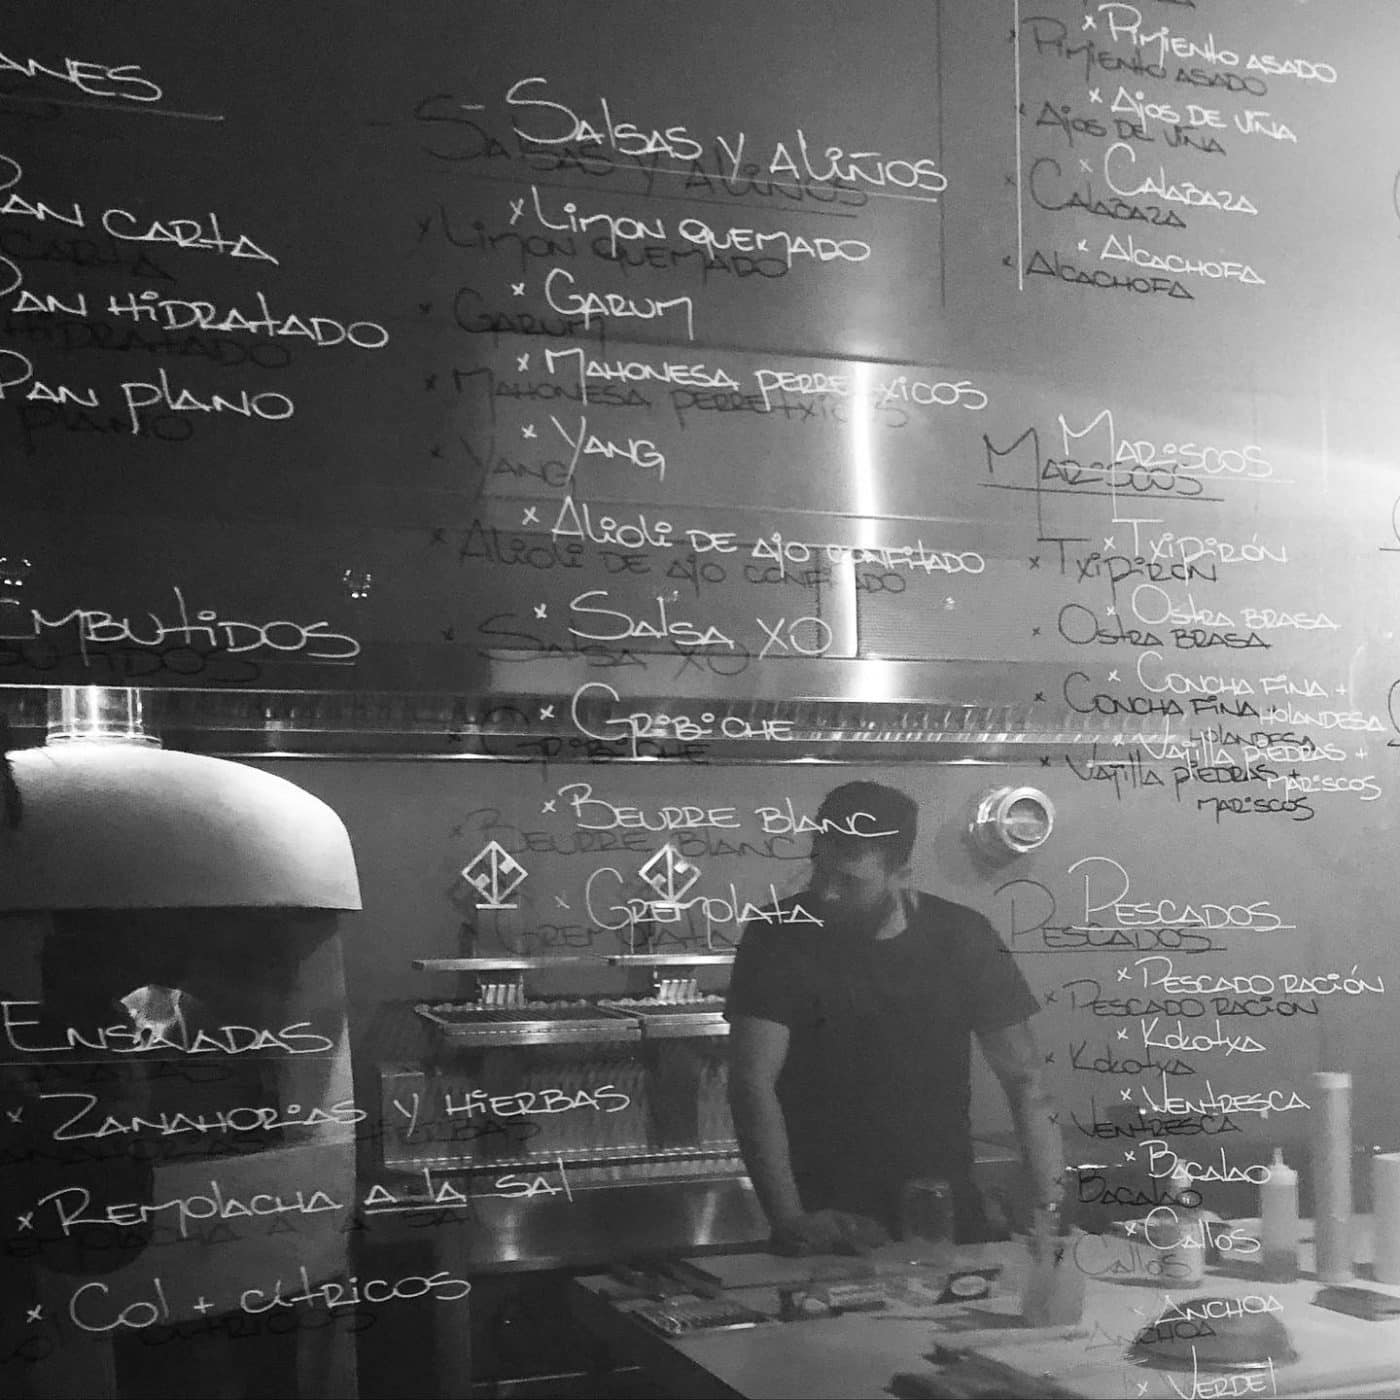 Nublo, el nuevo restaurante de Haro que dará que hablar 2